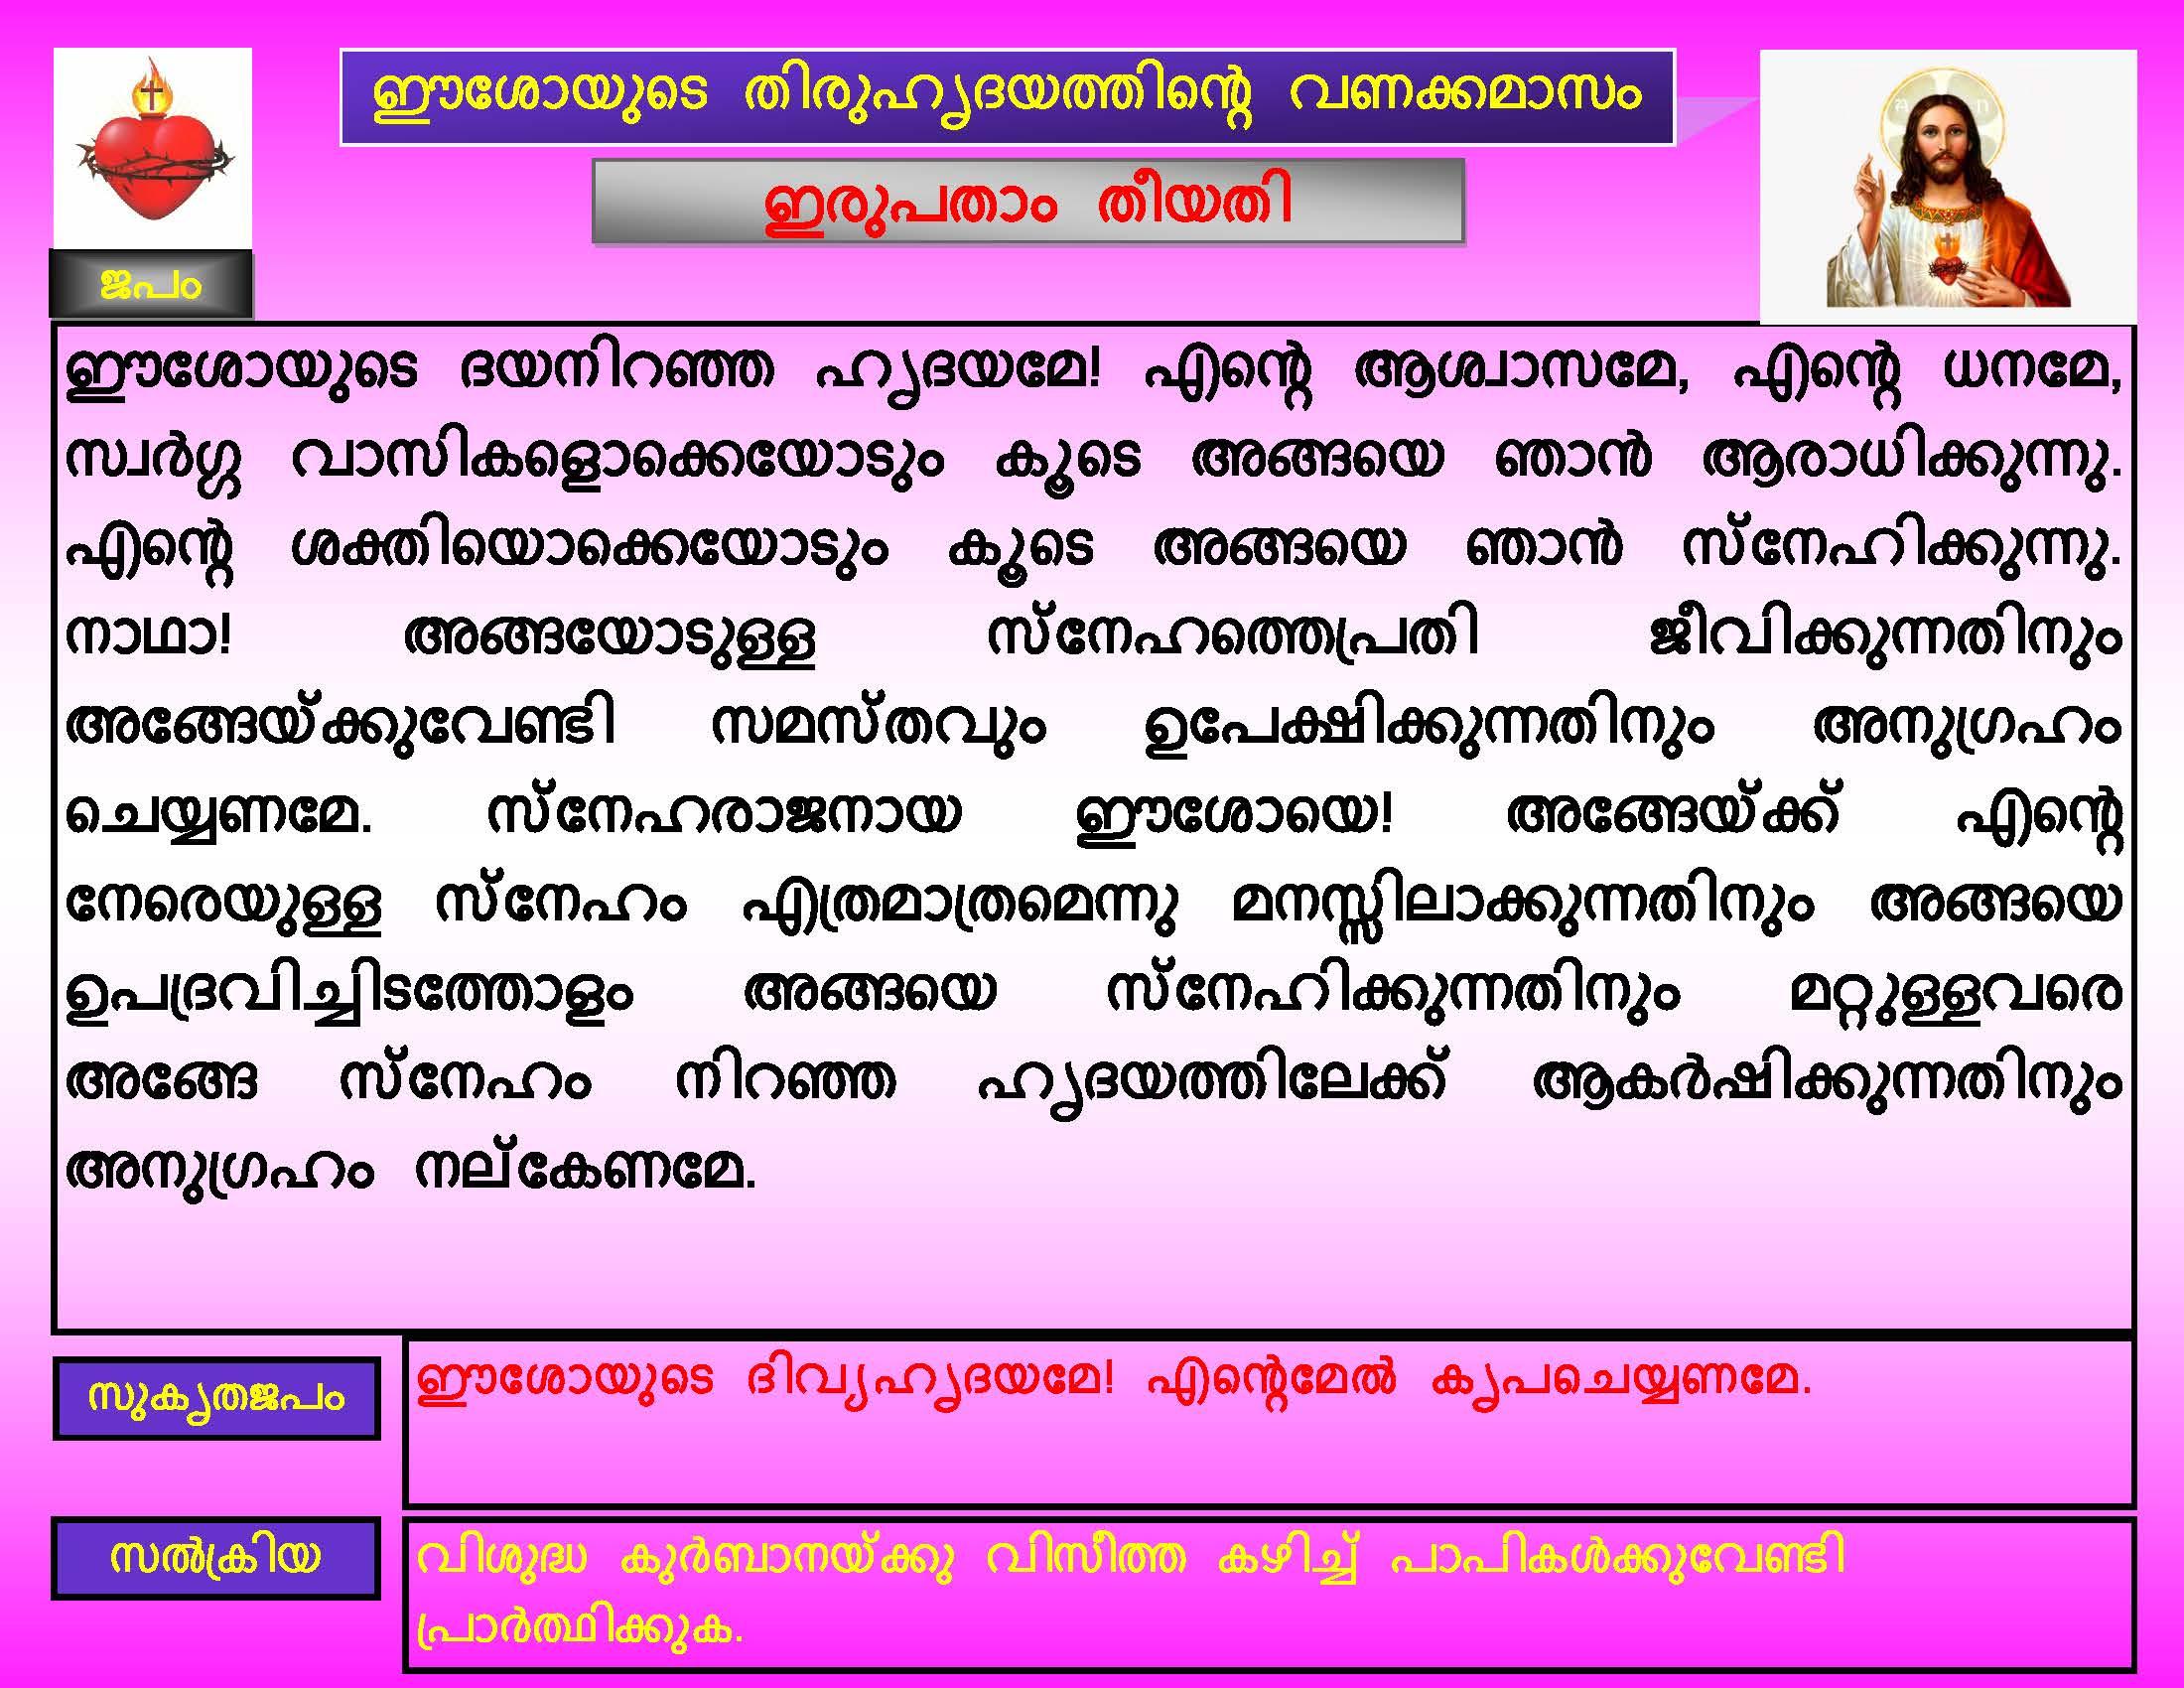 Thiruhrudaya Vanakkamasam - Day 20